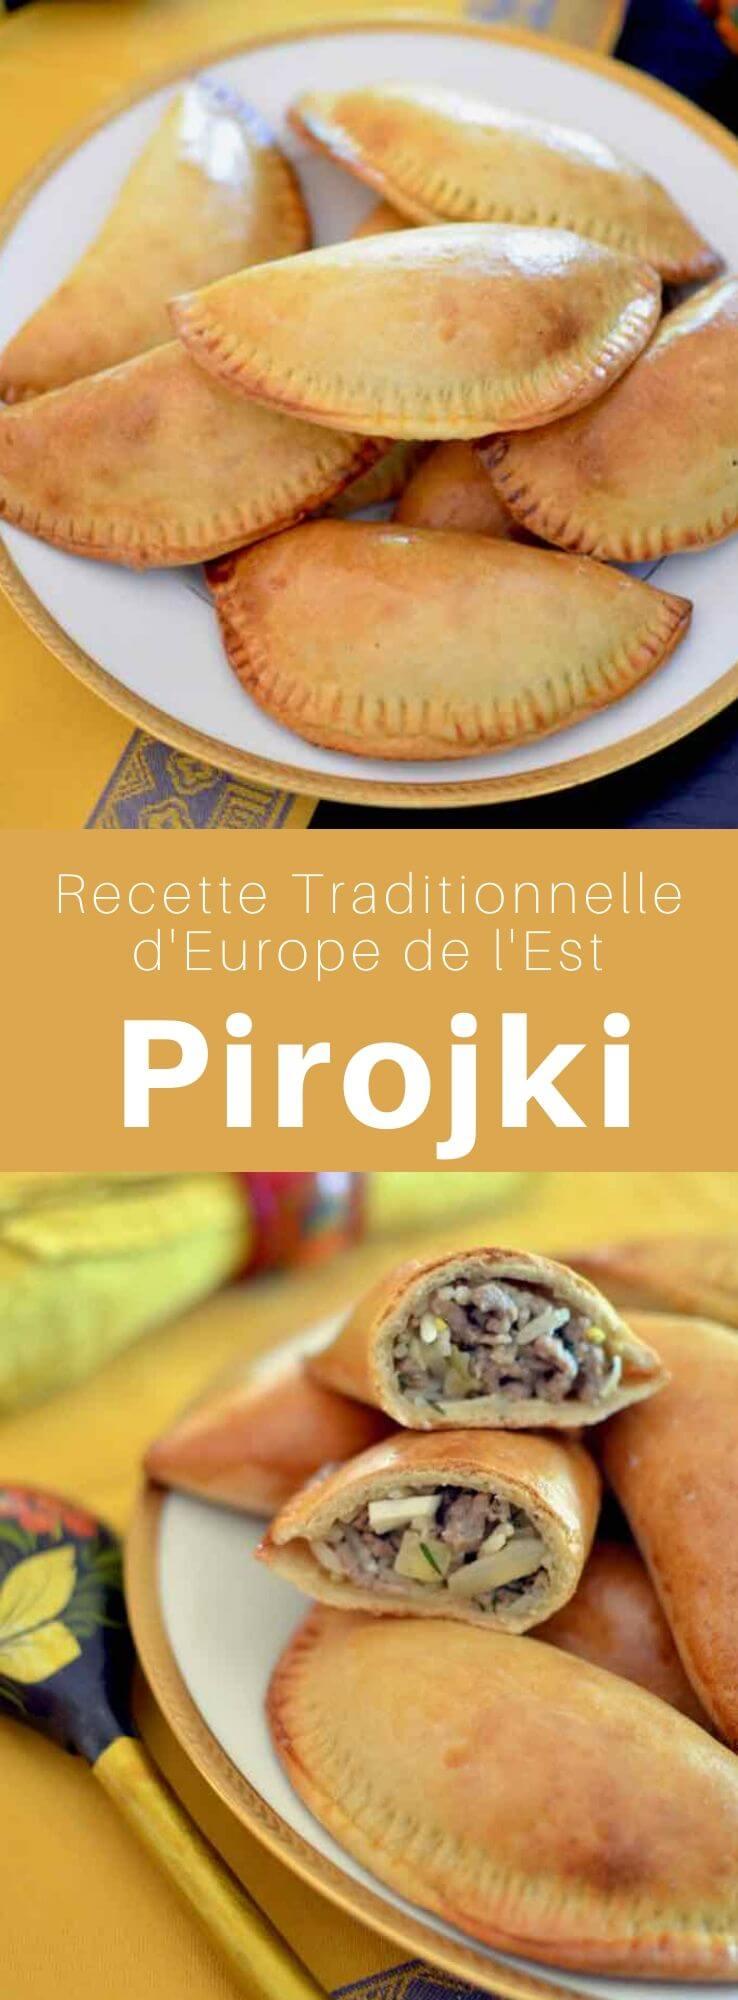 Les pirojki sont des petits chaussons d'origine russe, cuits ou frits, qui peuvent être farcis de viande hachée, de fromage, de champignons ou de légumes. #Russie #RecetteRusse #CuisineRusse #CuisineDuMonde #196flavors